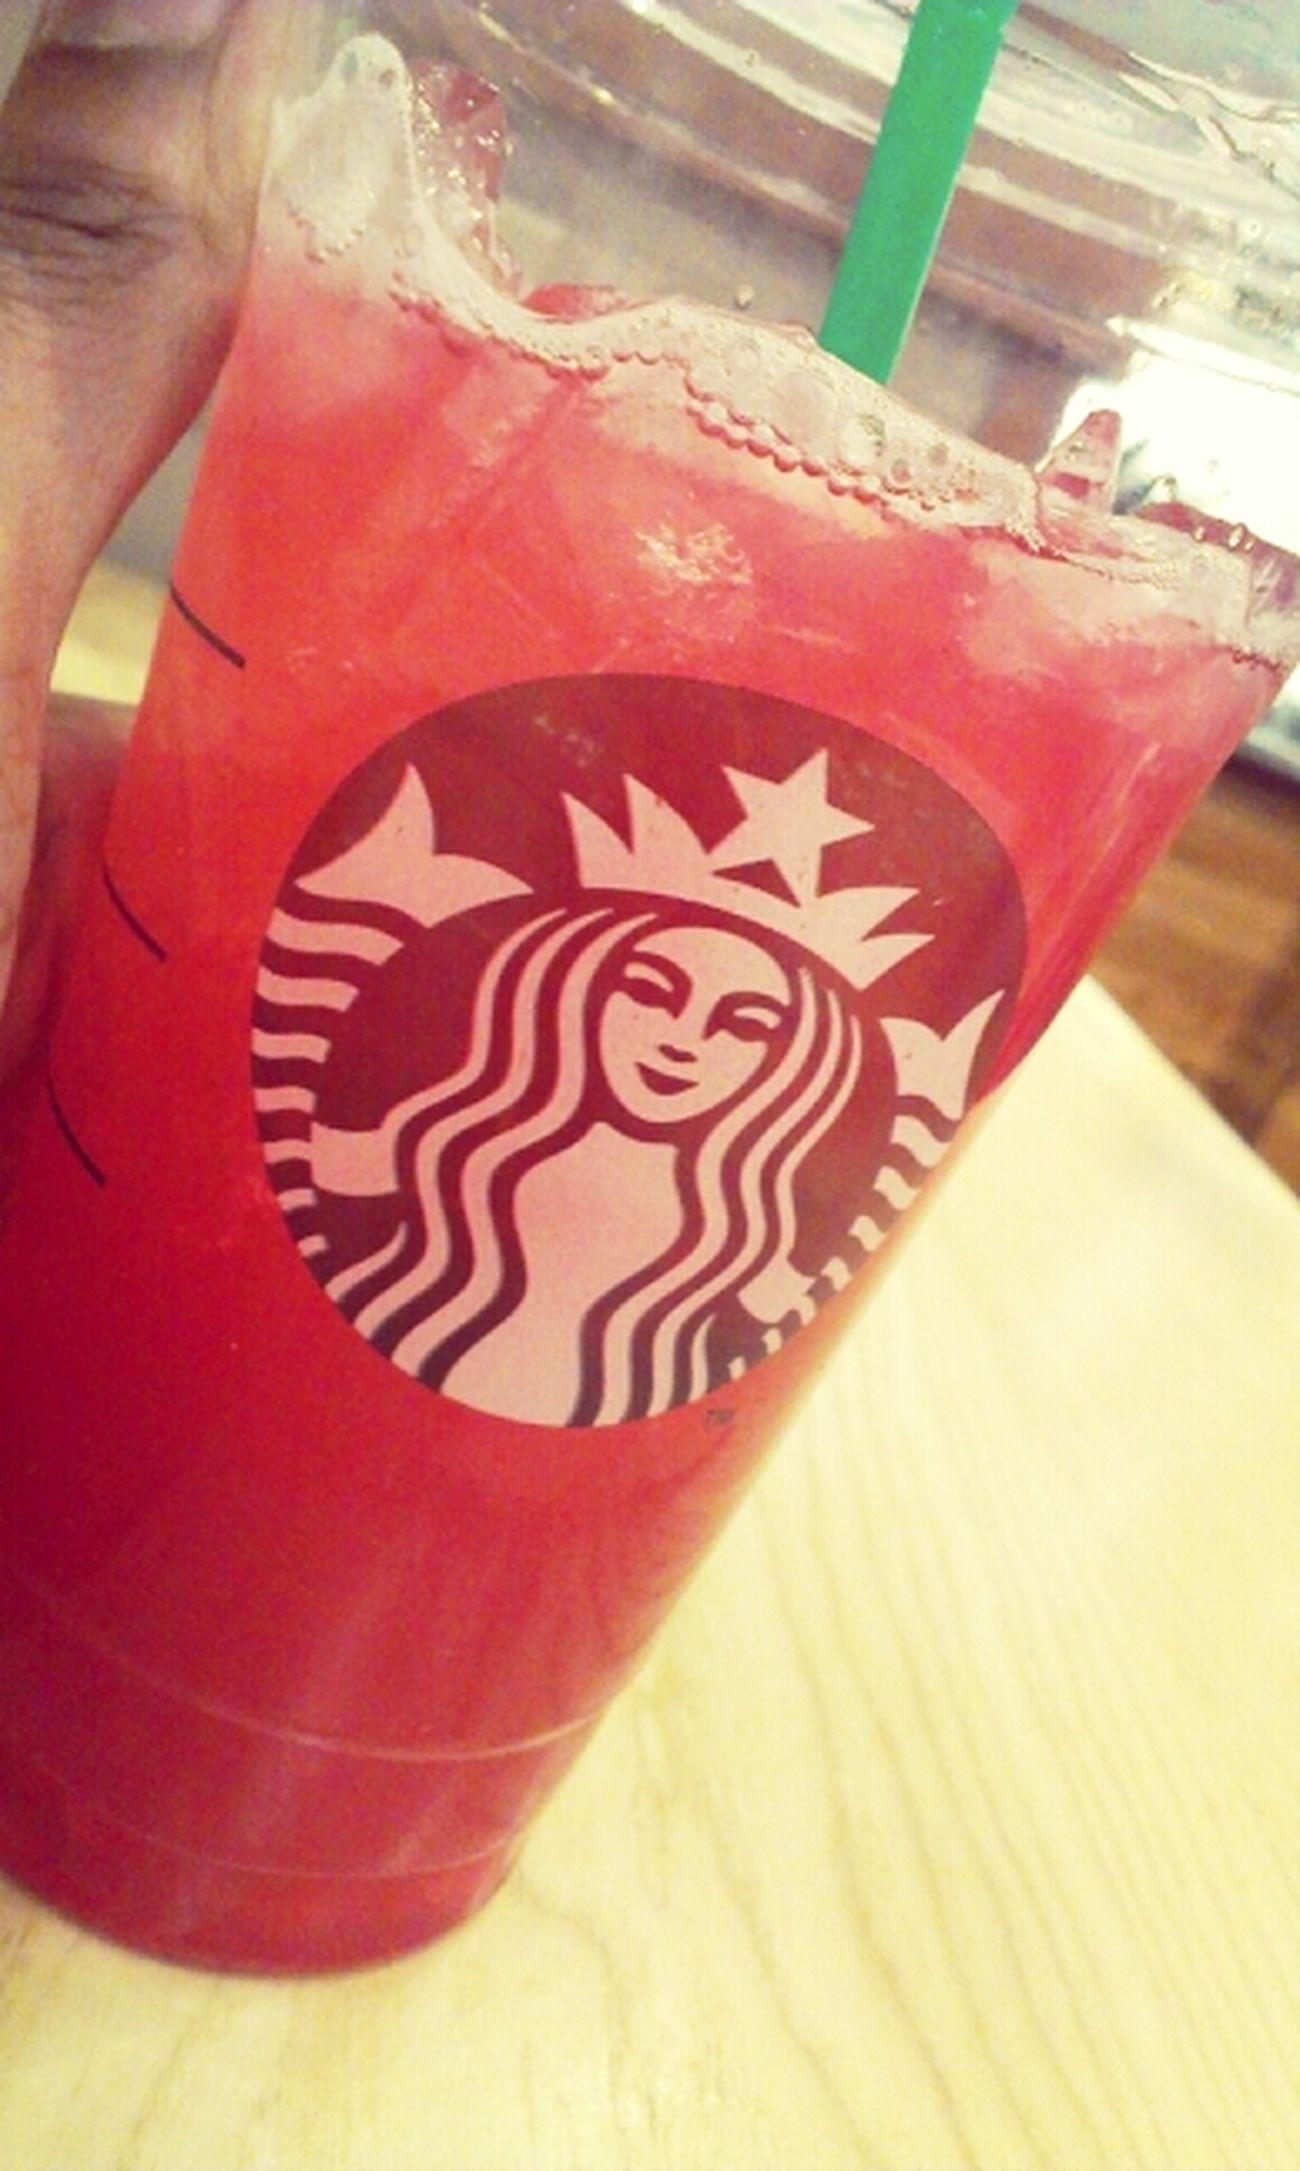 Venti Passion Tea Lemonade. At Work